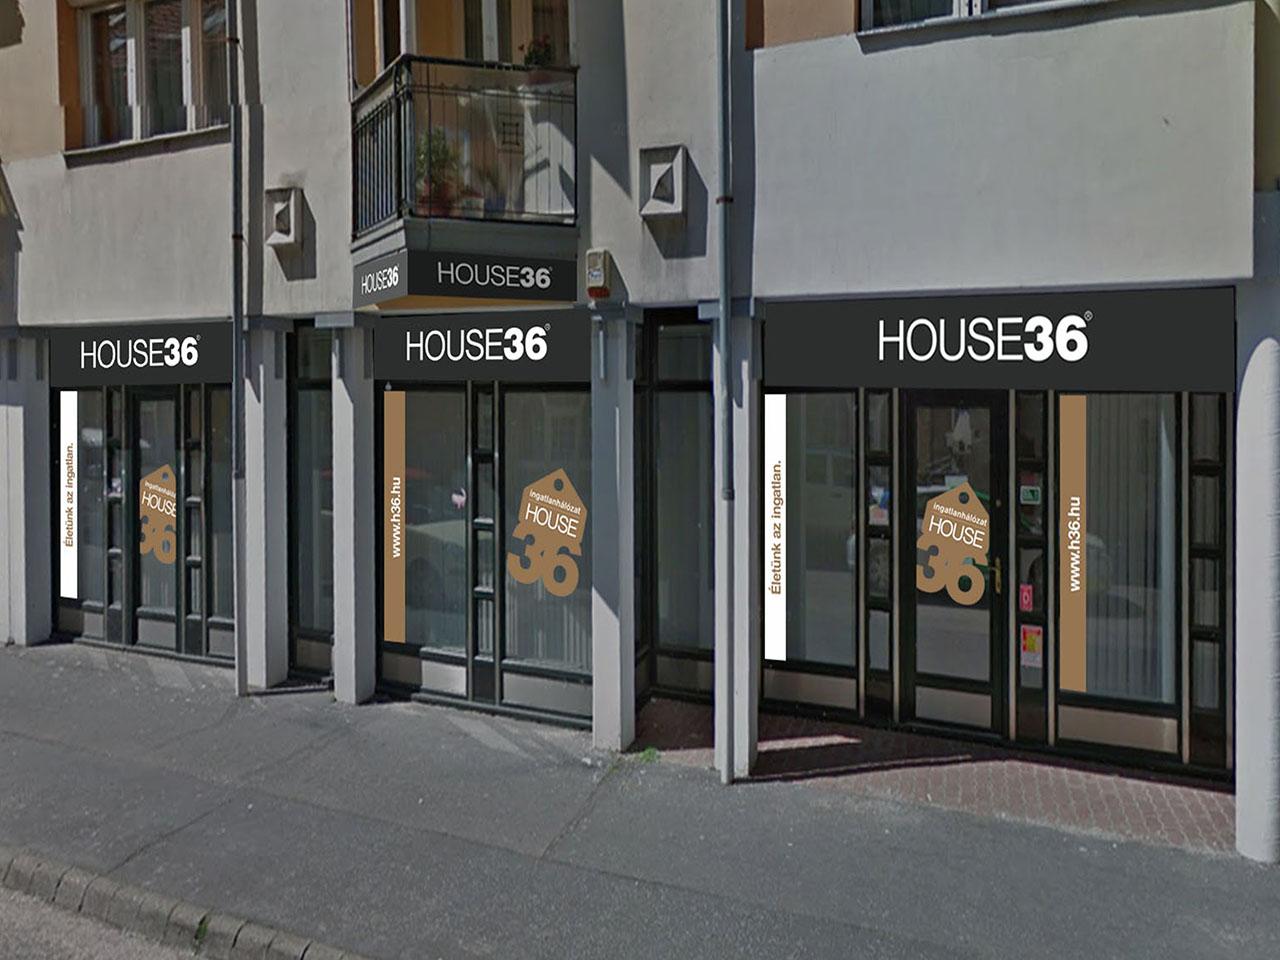 H36 Üzletdekoráció